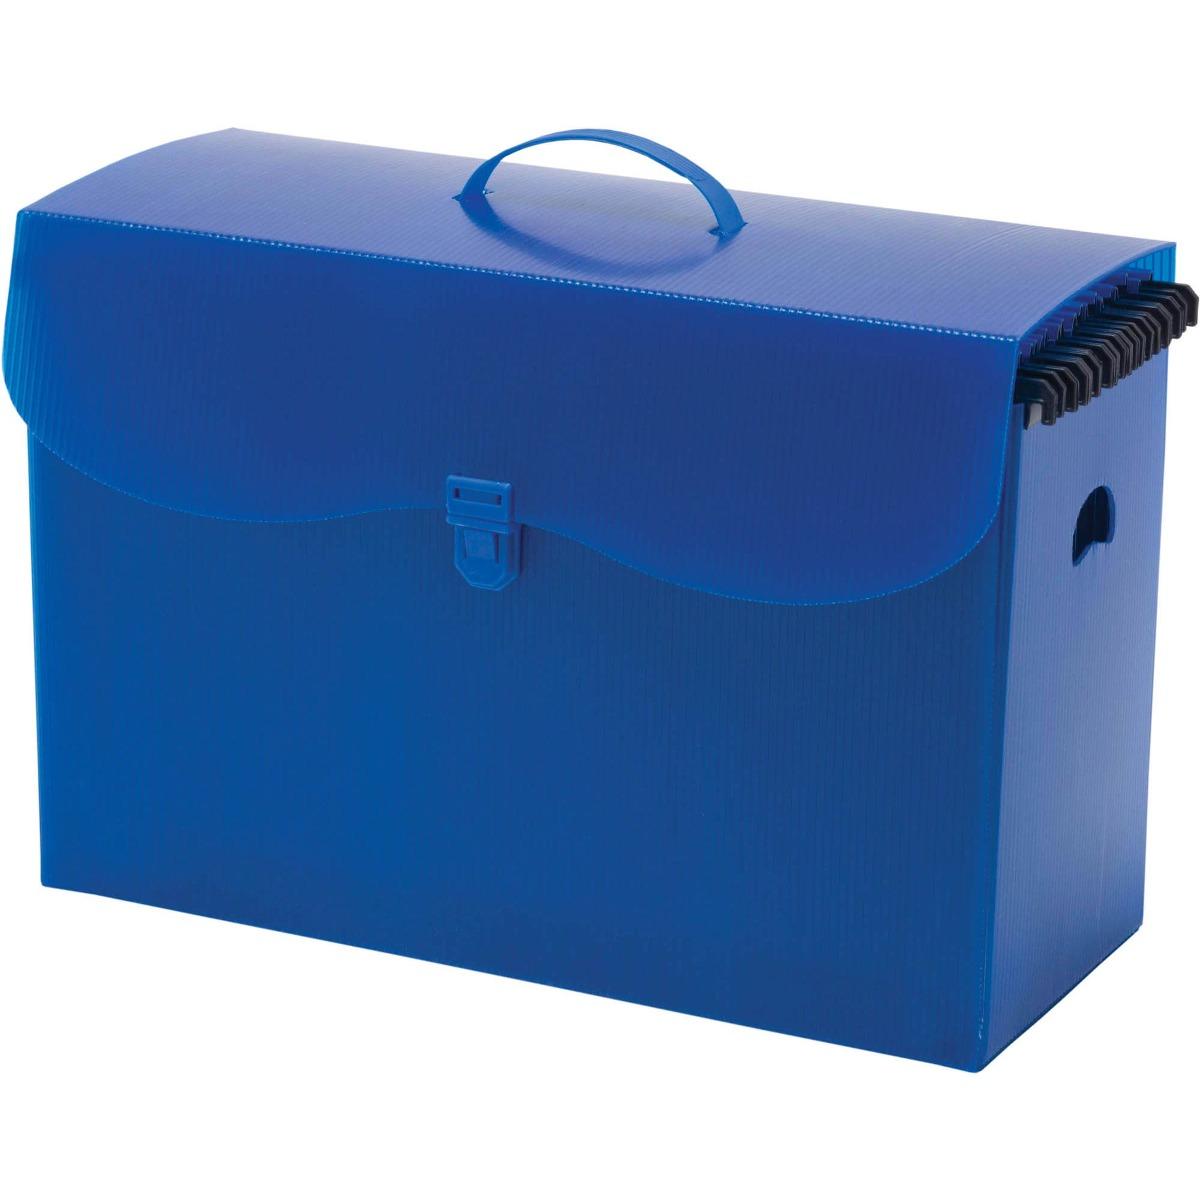 Maleta Polionda Com Alca Azul C 10 Pastas Suspensas Polycart - R  80,38 em  Mercado Livre a87fd048d2